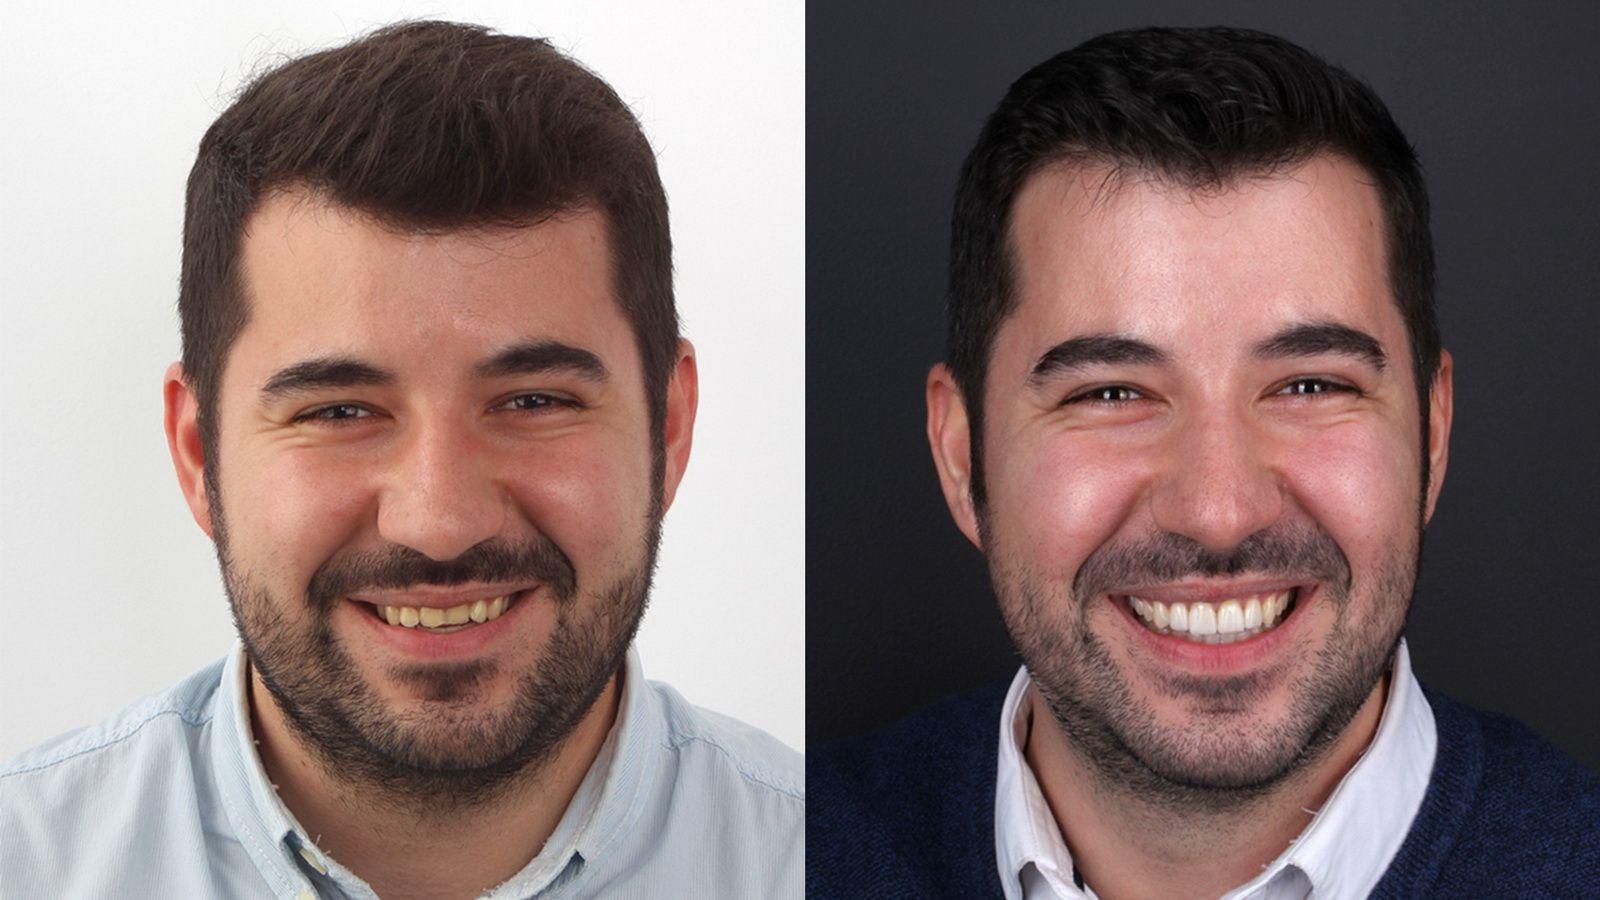 Antes y después del tratamiento de carillas de porcelana